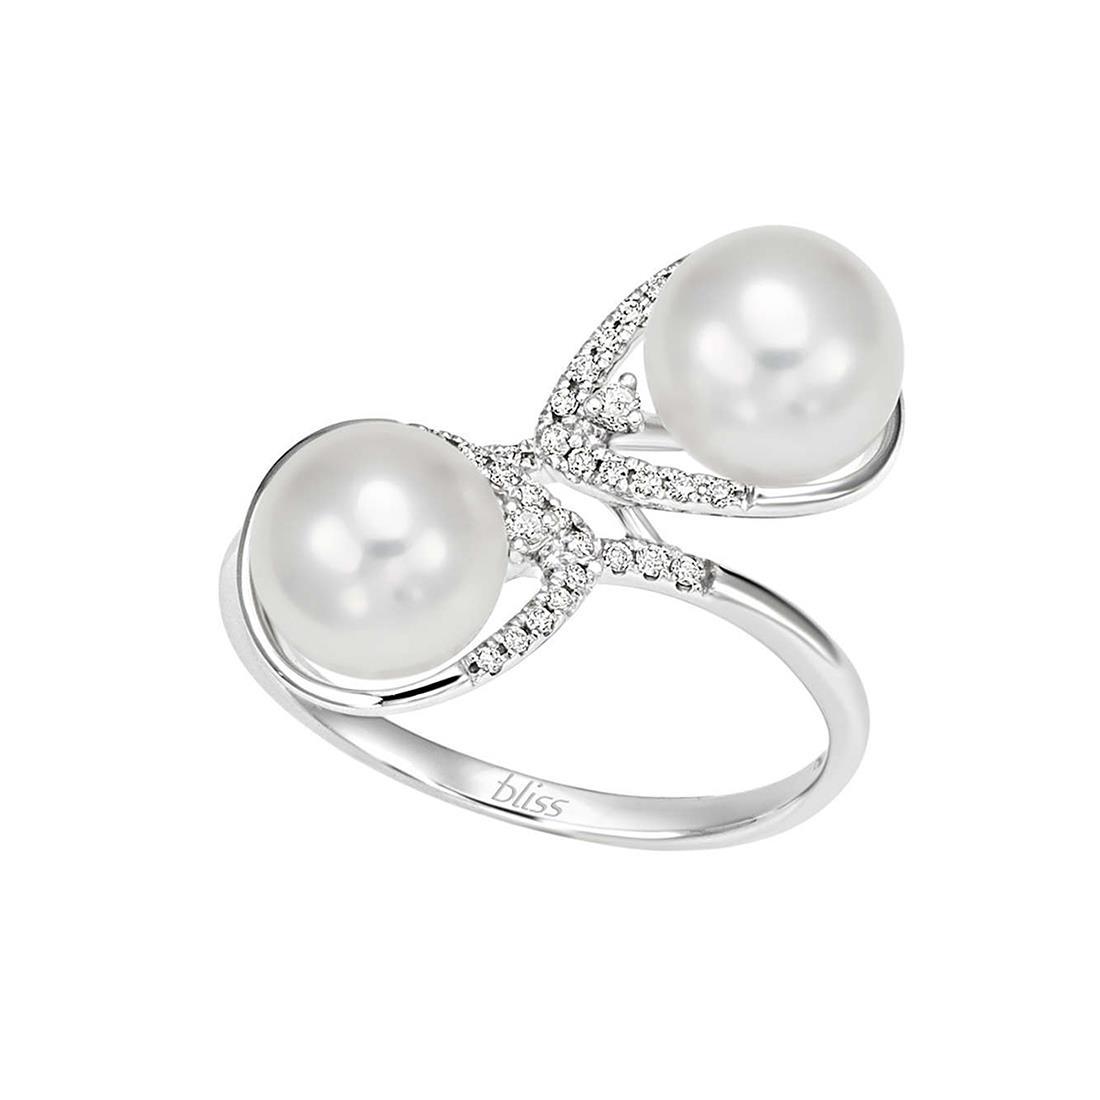 Anillo con diamantes y perlas - BLISS